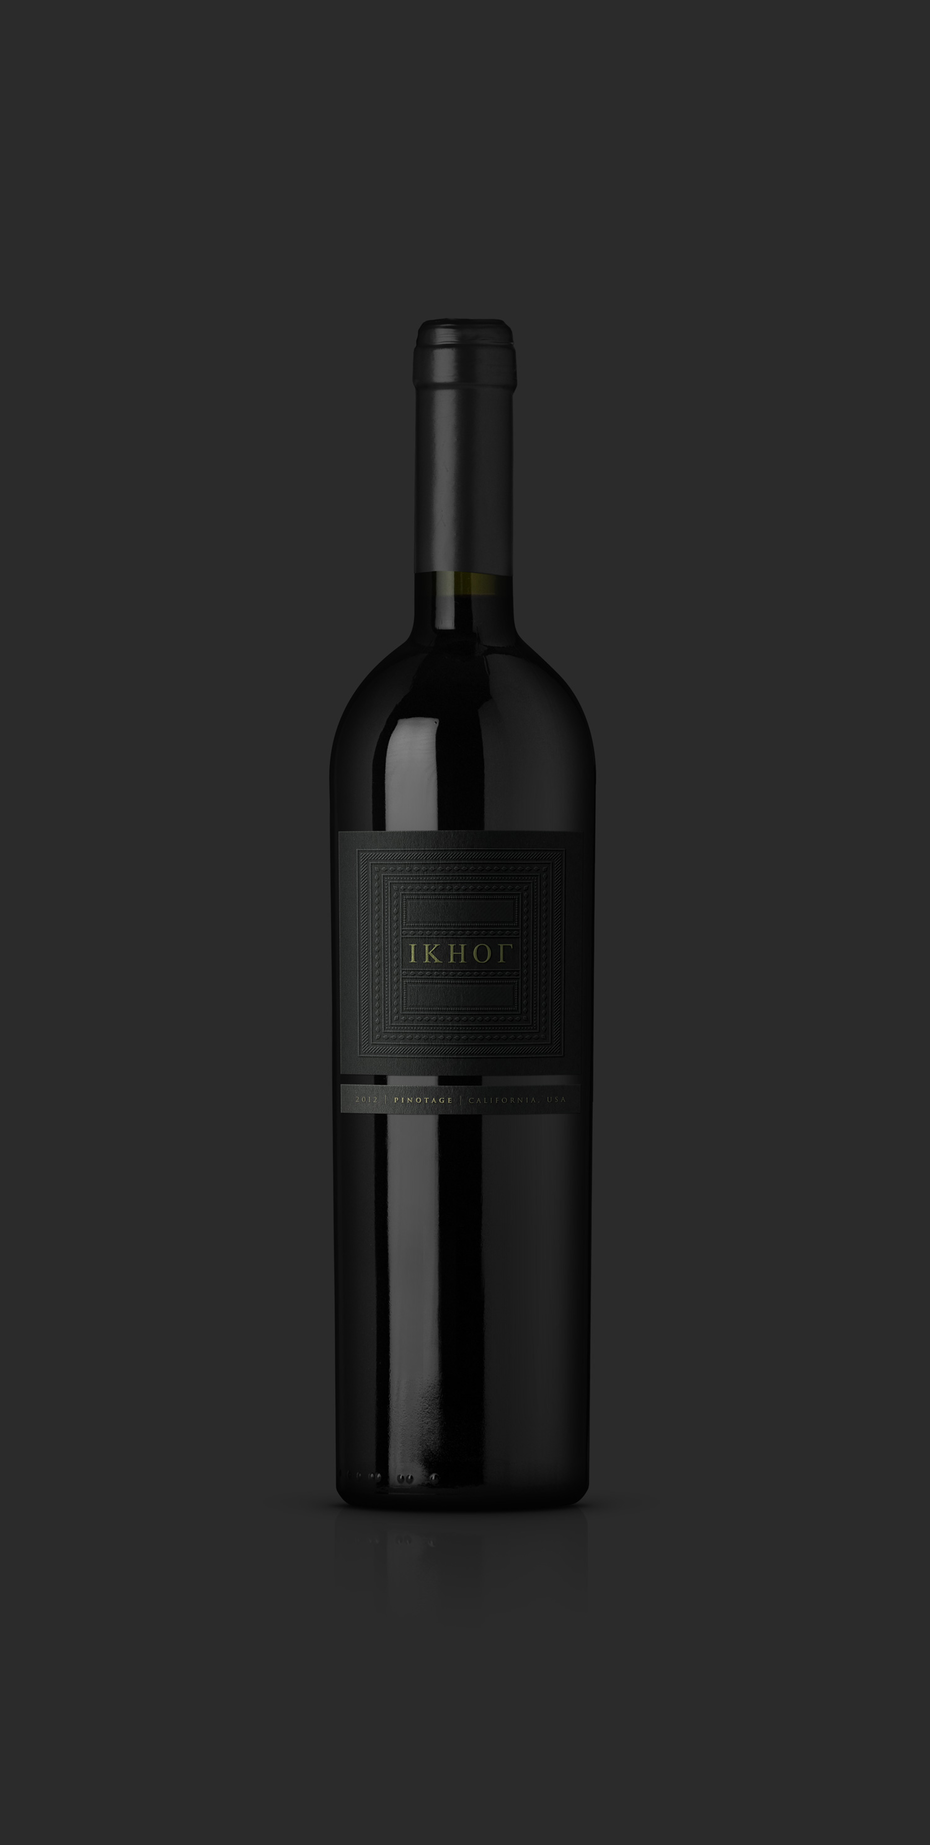 étiquette du vin ikhot